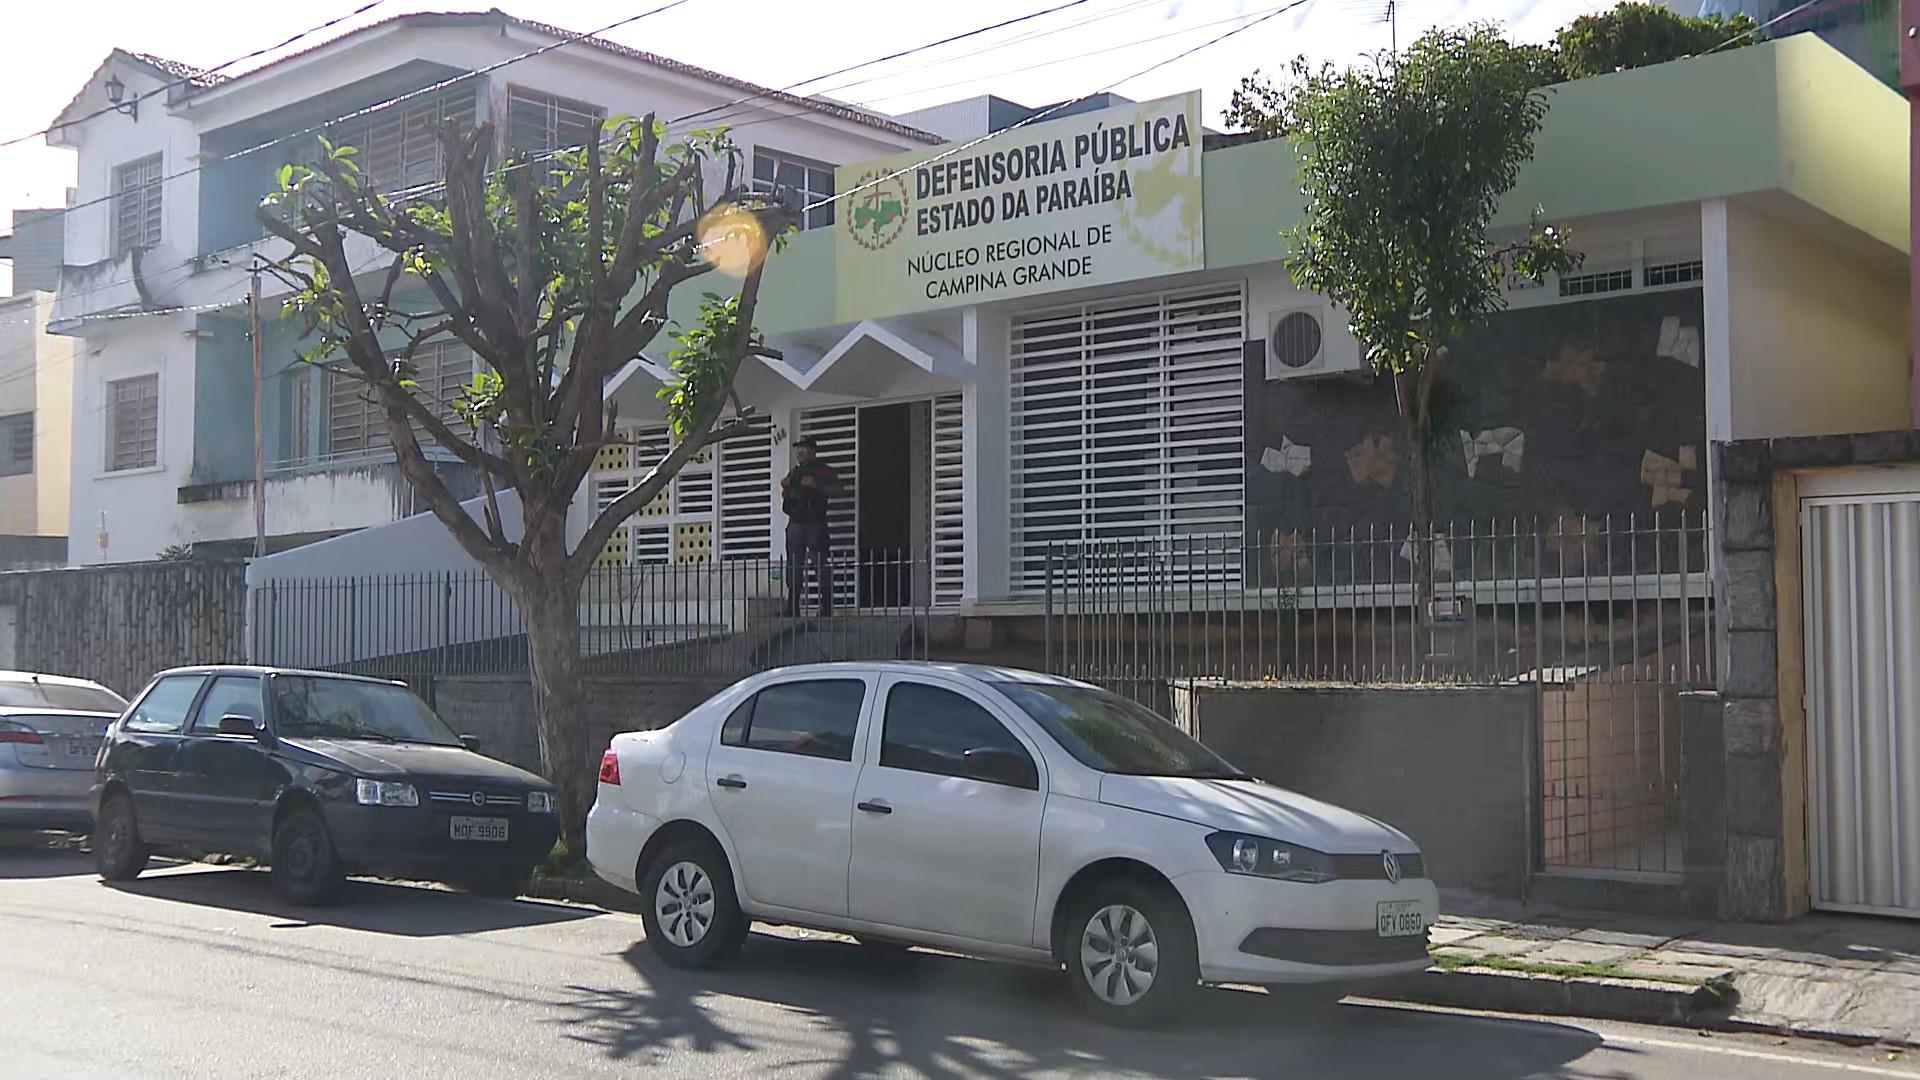 DPE recomenda que faculdades suspendam supostas taxas irregulares, em Campina Grande  - Notícias - Plantão Diário